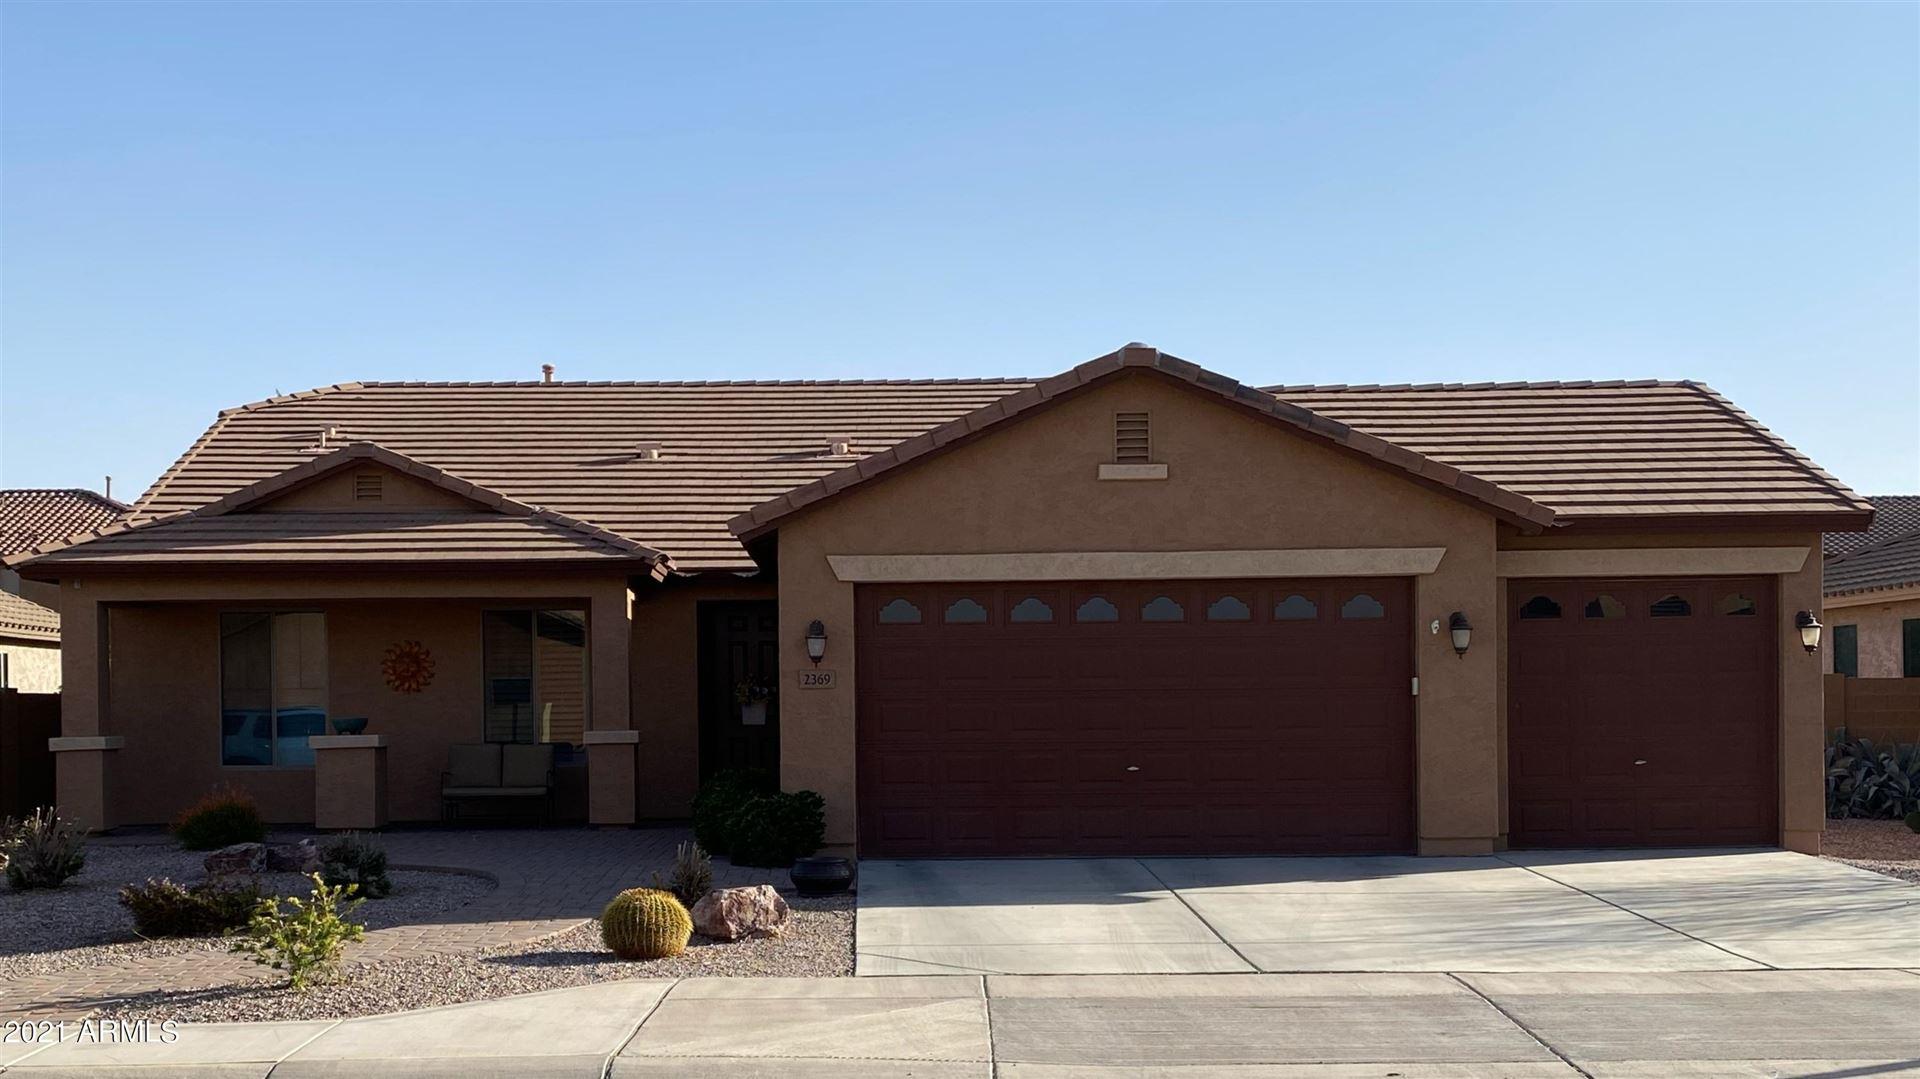 Photo of 2369 W MILA Way, Queen Creek, AZ 85142 (MLS # 6203182)